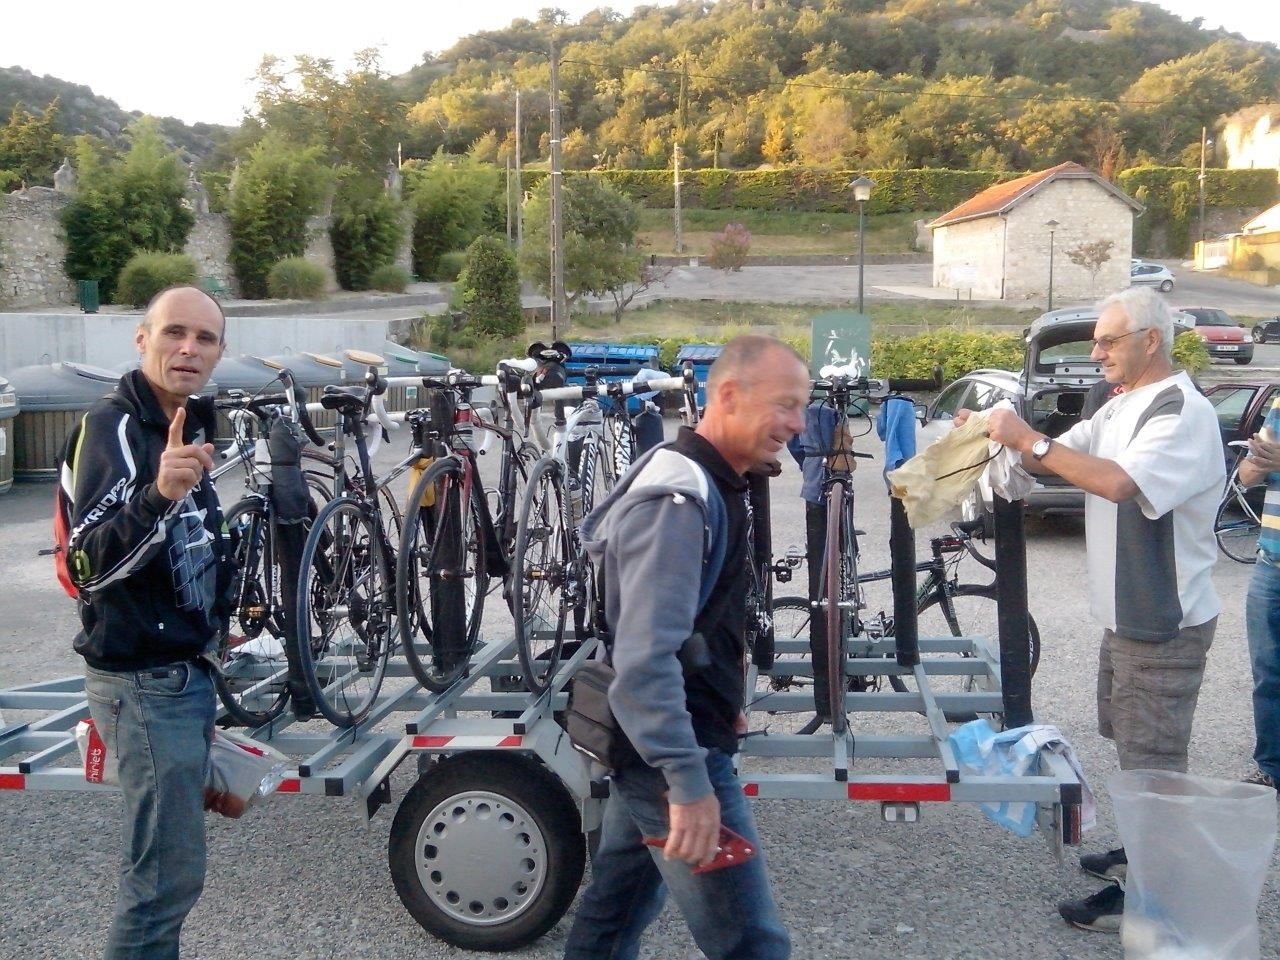 Et c'est le retour en Drôme, demain retour au boulot...